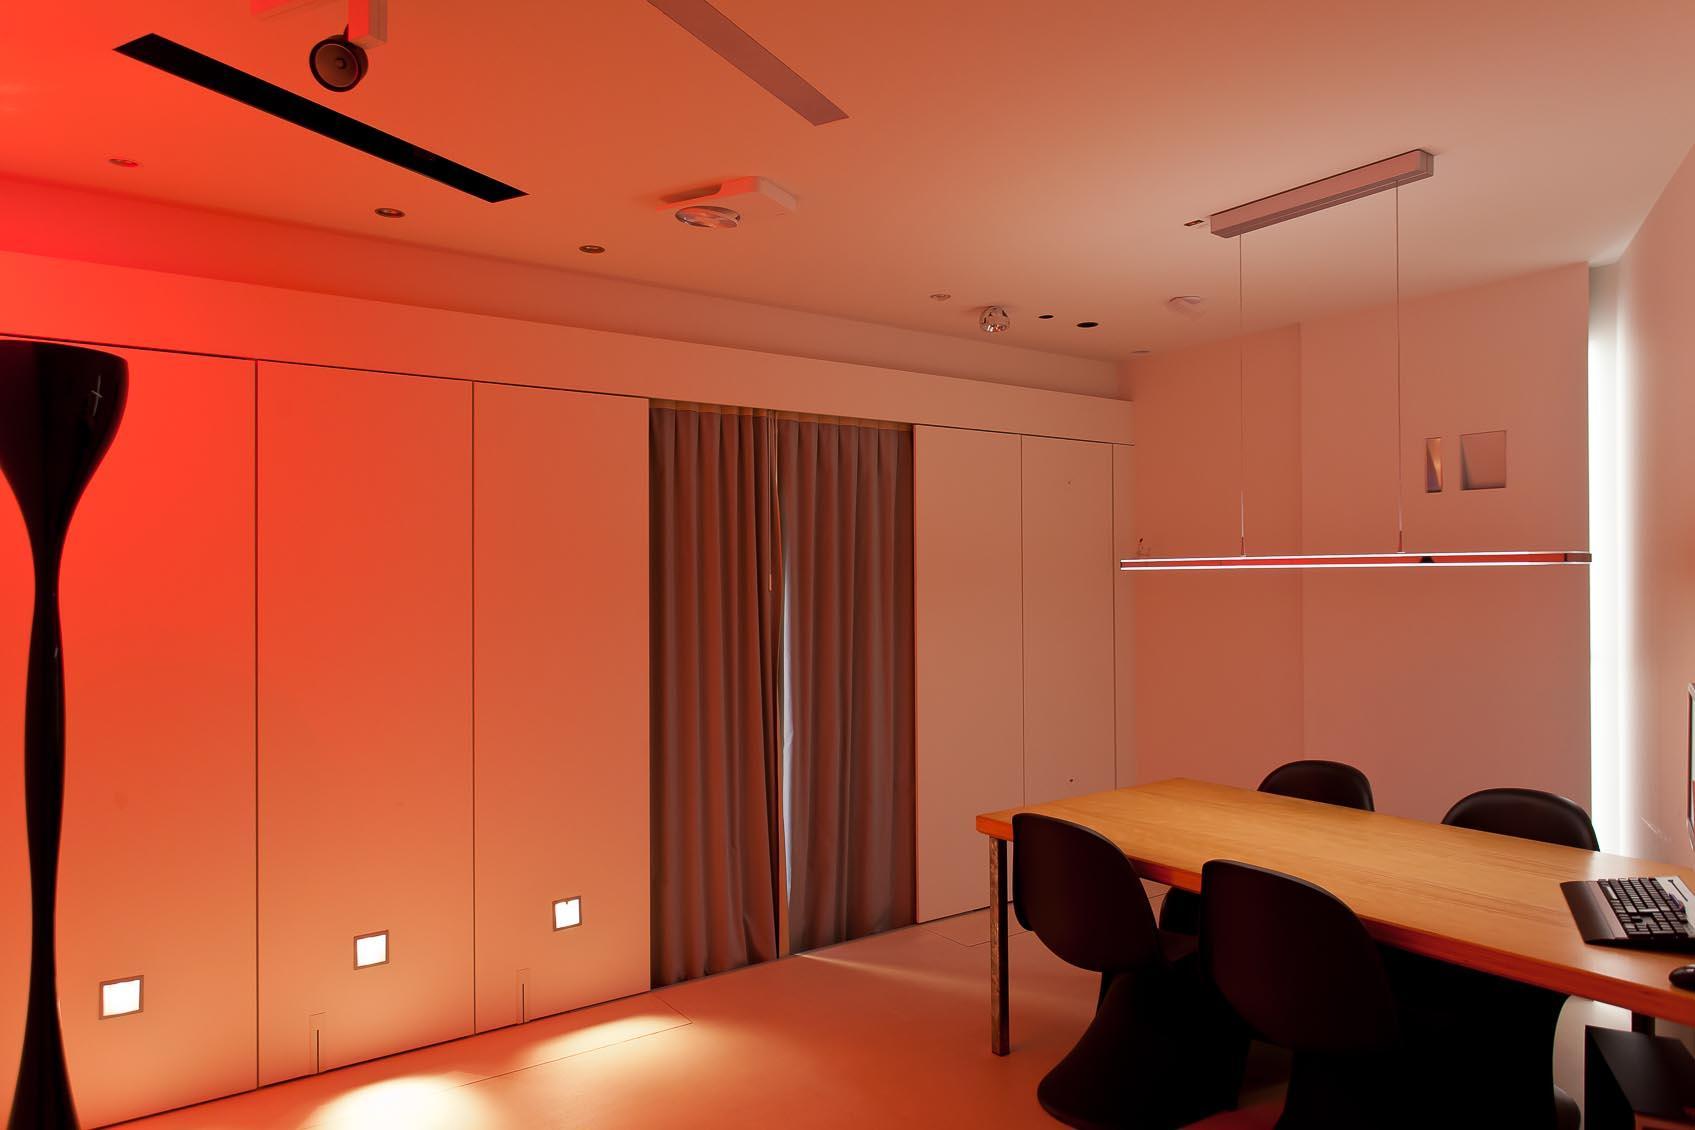 Beleef interieurverlichting in onze design lichtstudio11